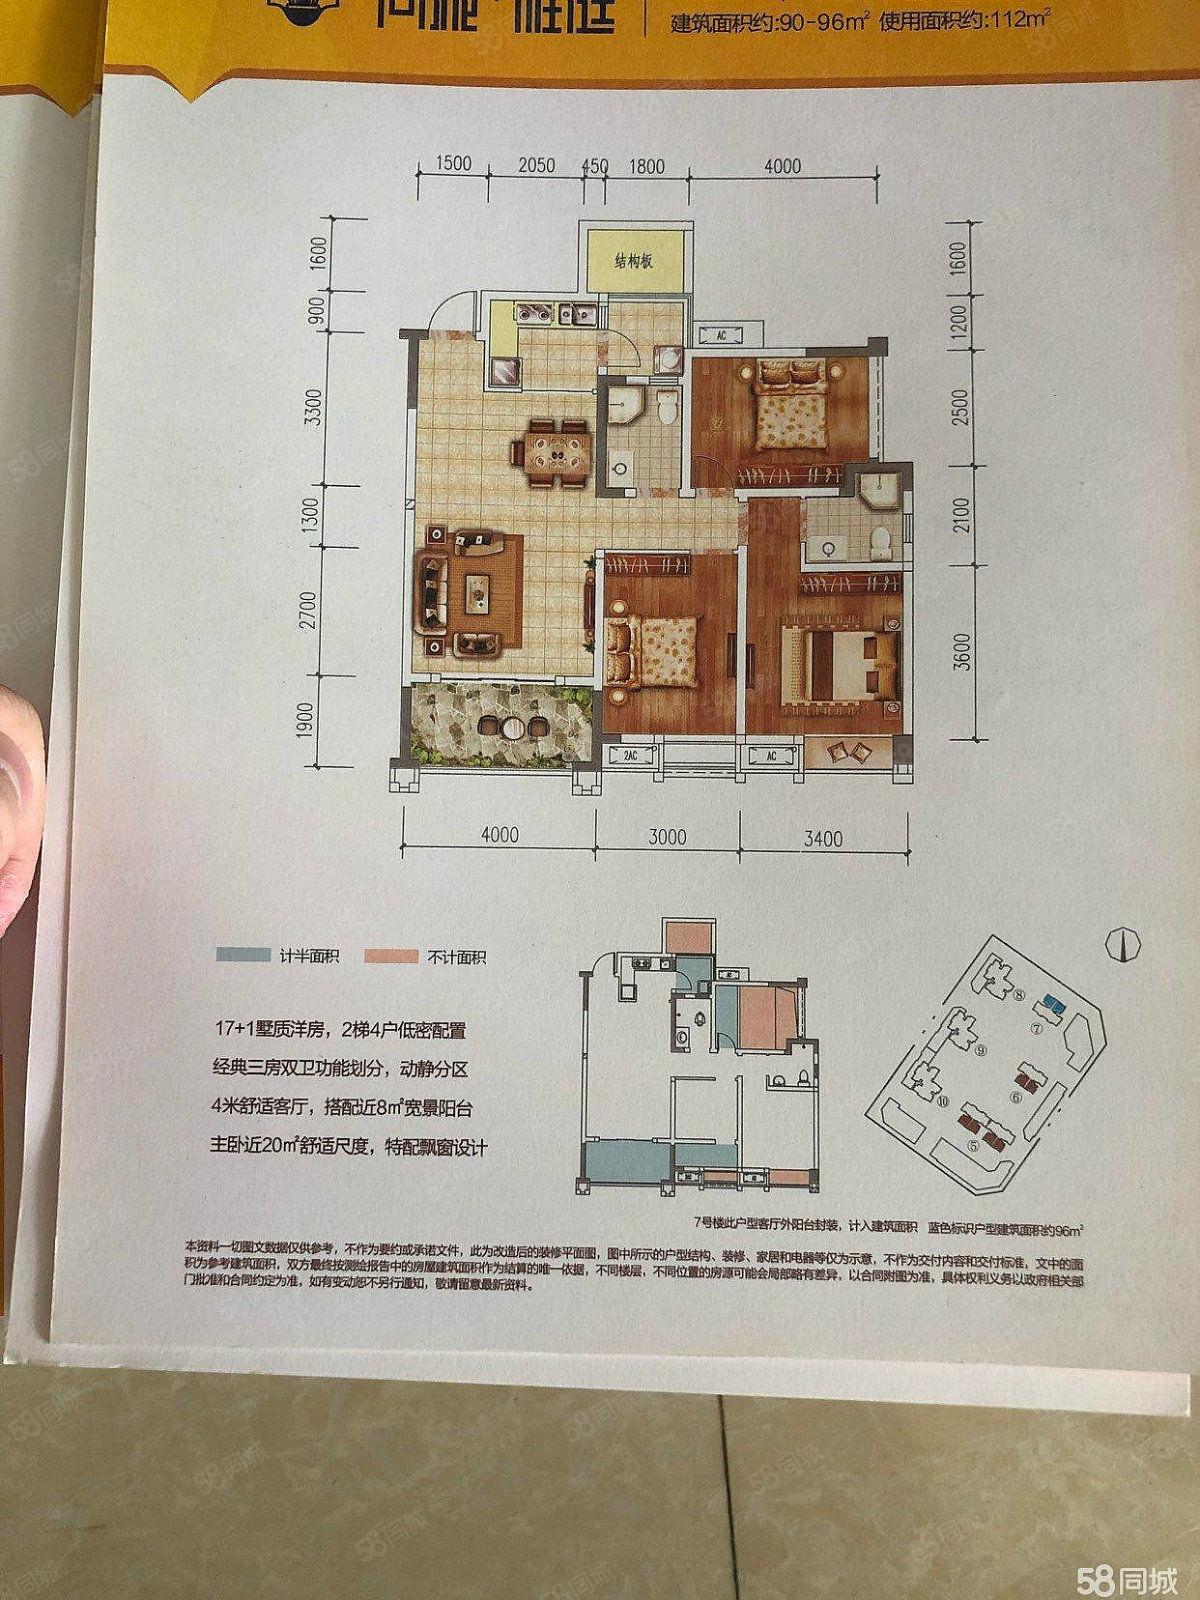 尚城澜庭经典三房两梯四户全中庭采光好非常适合住家!